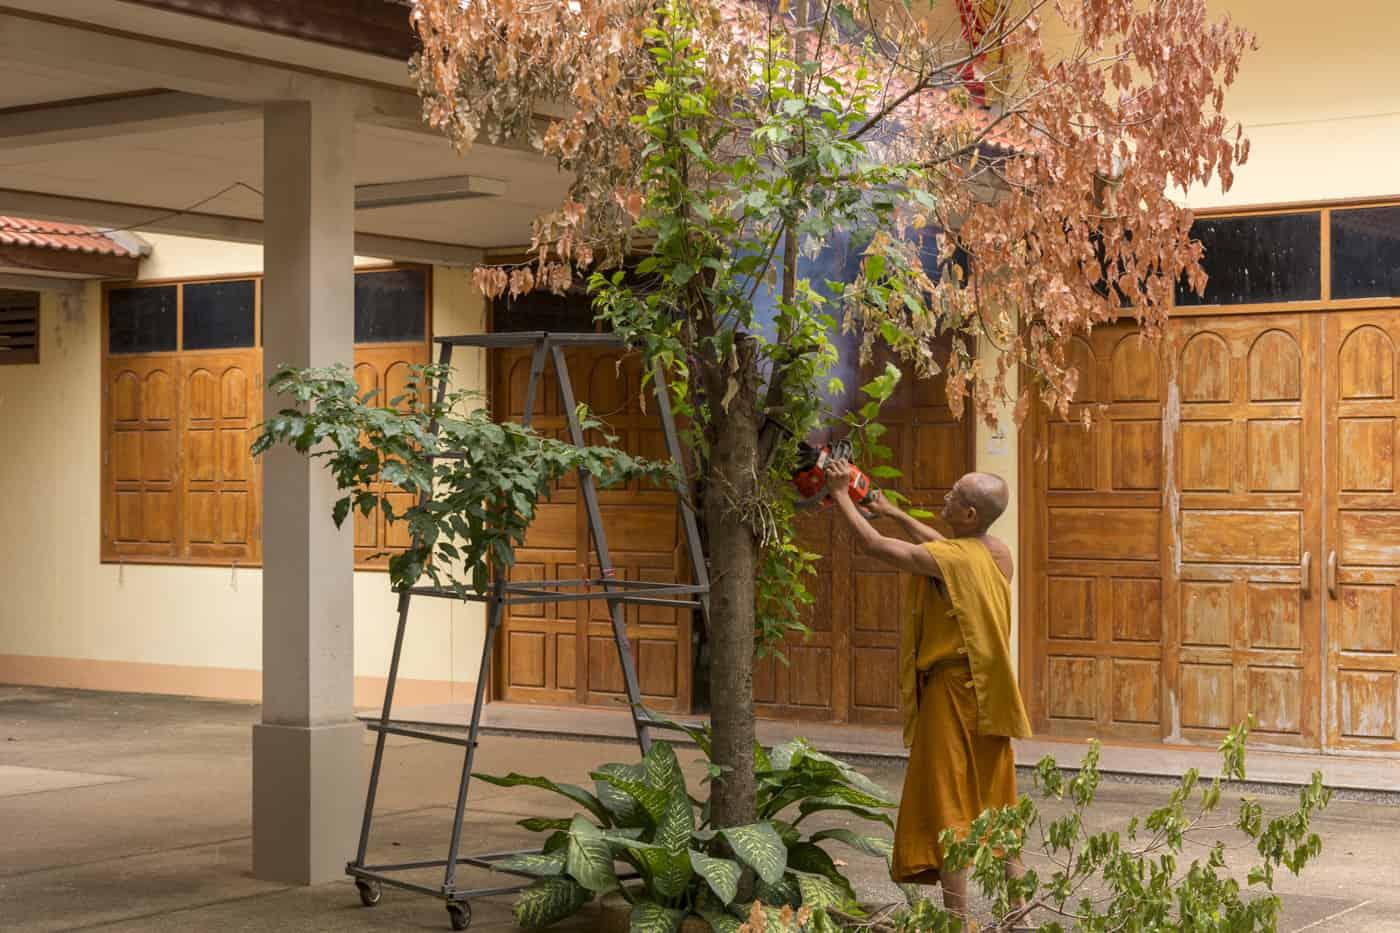 Mönch bei der Gartenarbeit im Wat Phet Wararam - Phetchabun